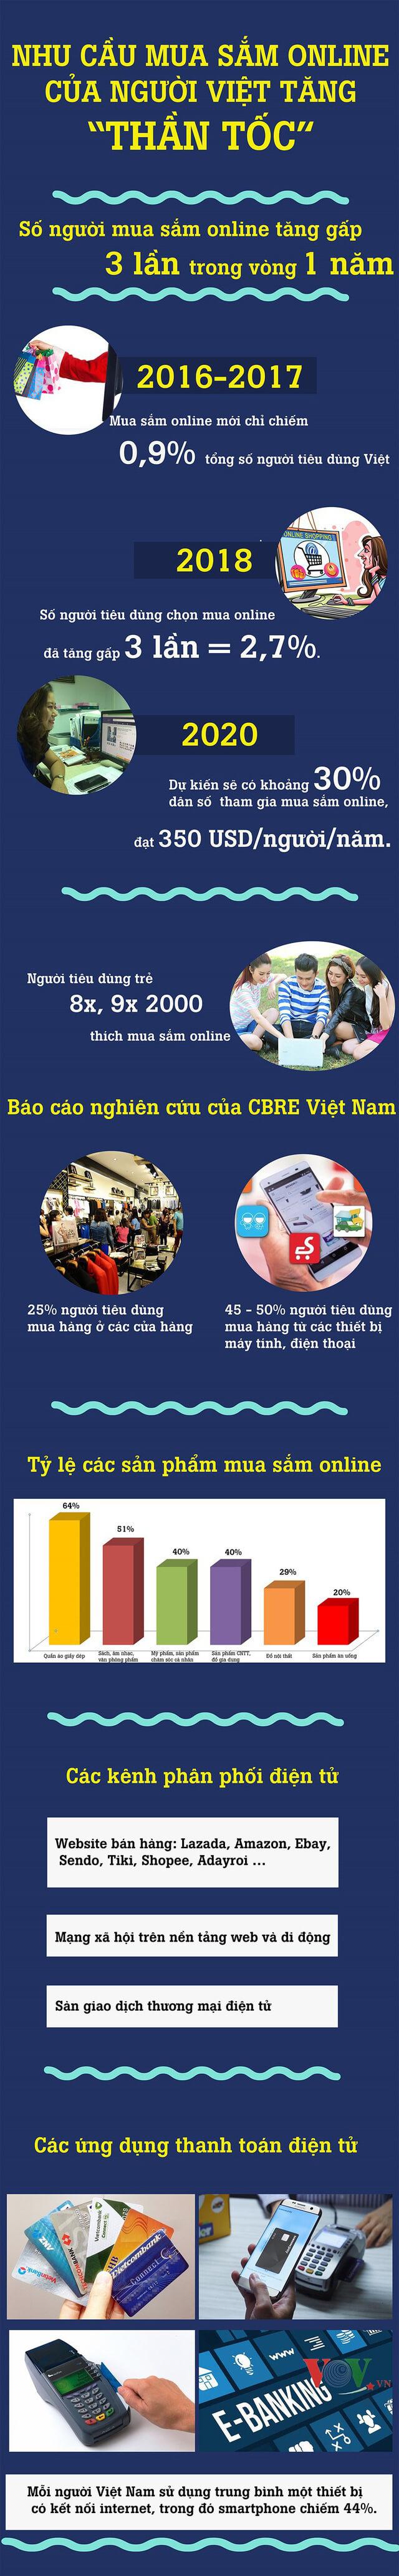 nhu cầu mua sắm online tại Việt Nam